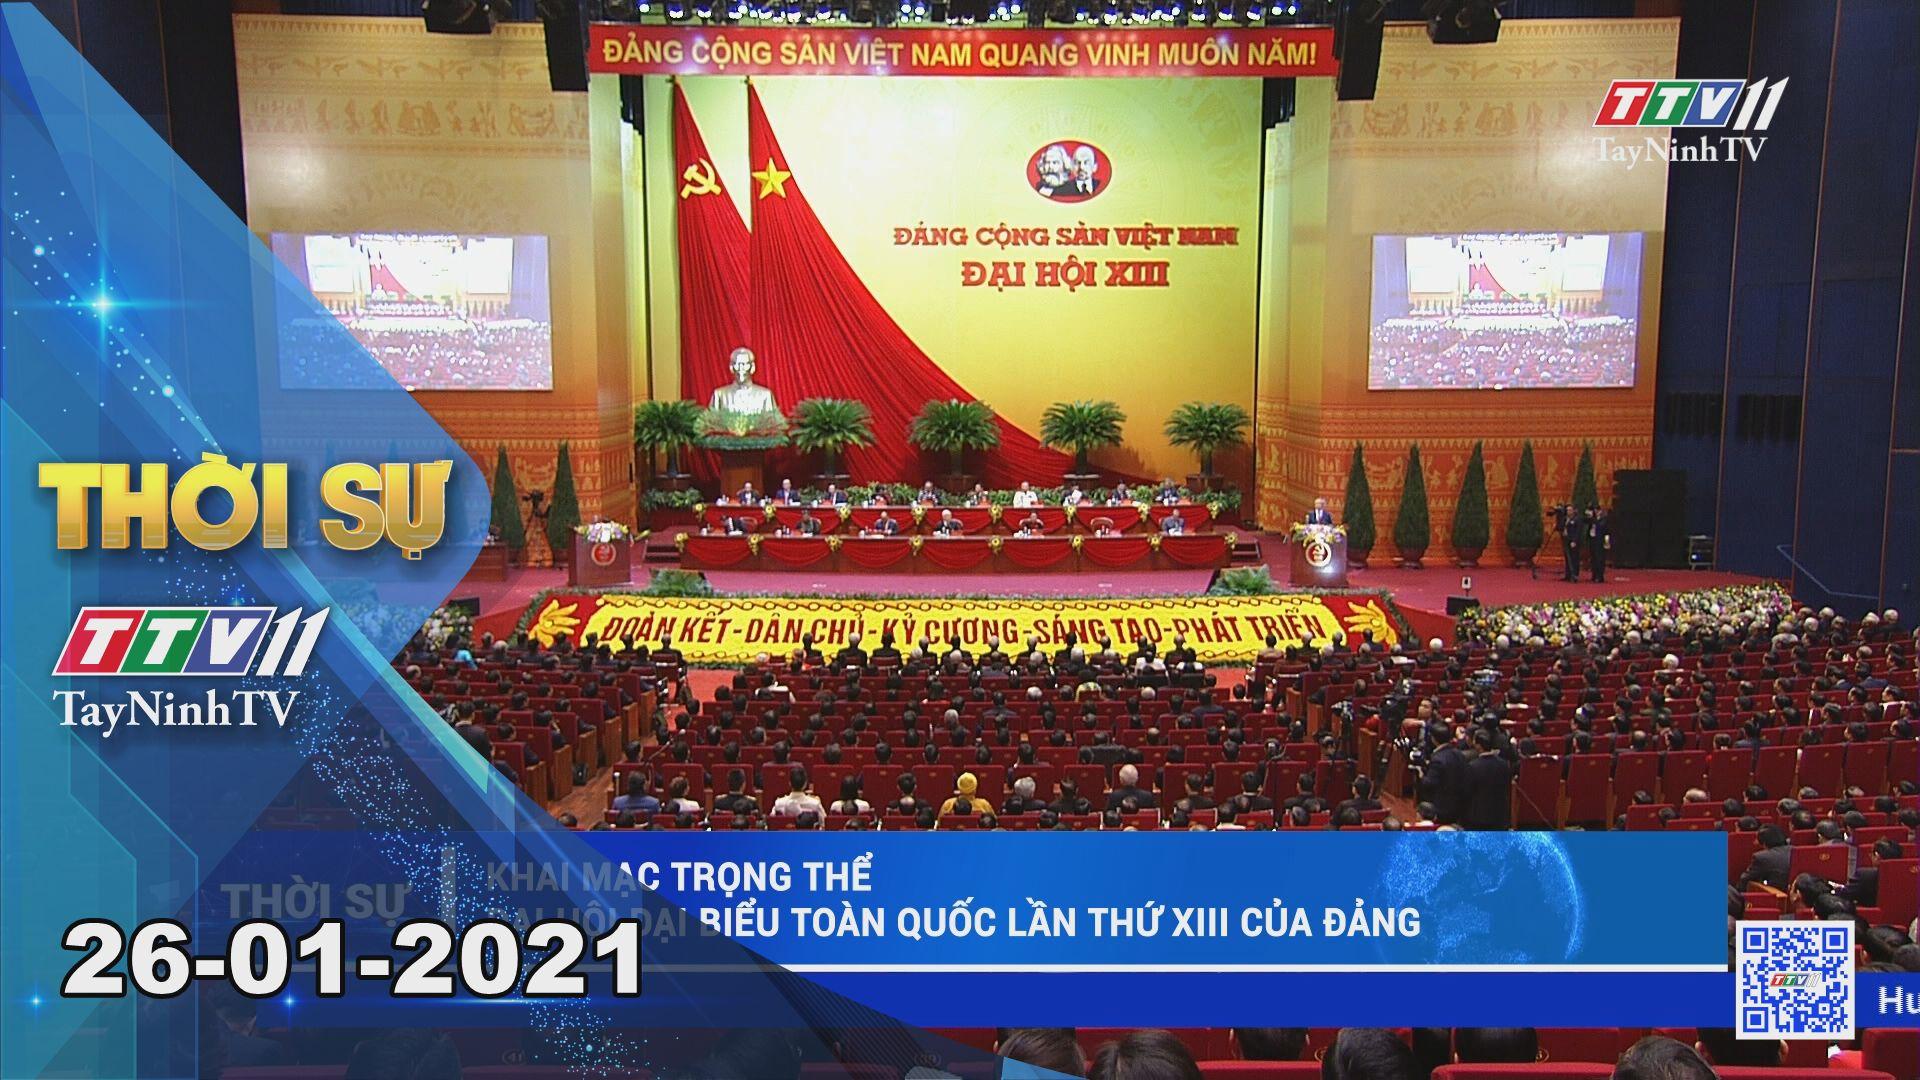 Thời sự Tây Ninh 26-01-2021 | Tin tức hôm nay | TayNinhTV